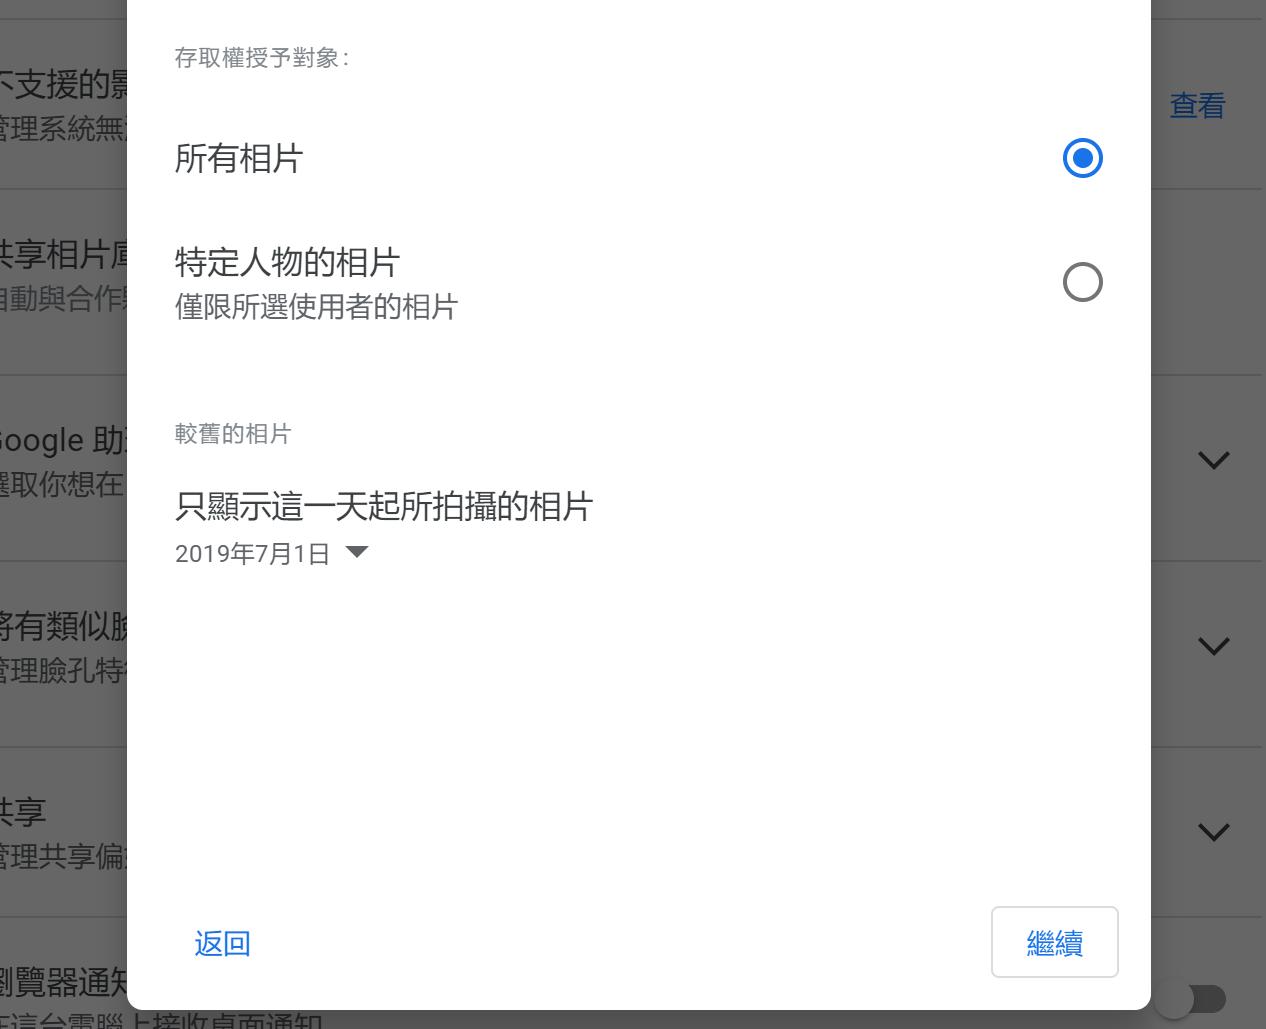 ScreenClip%2B%255B3%255D